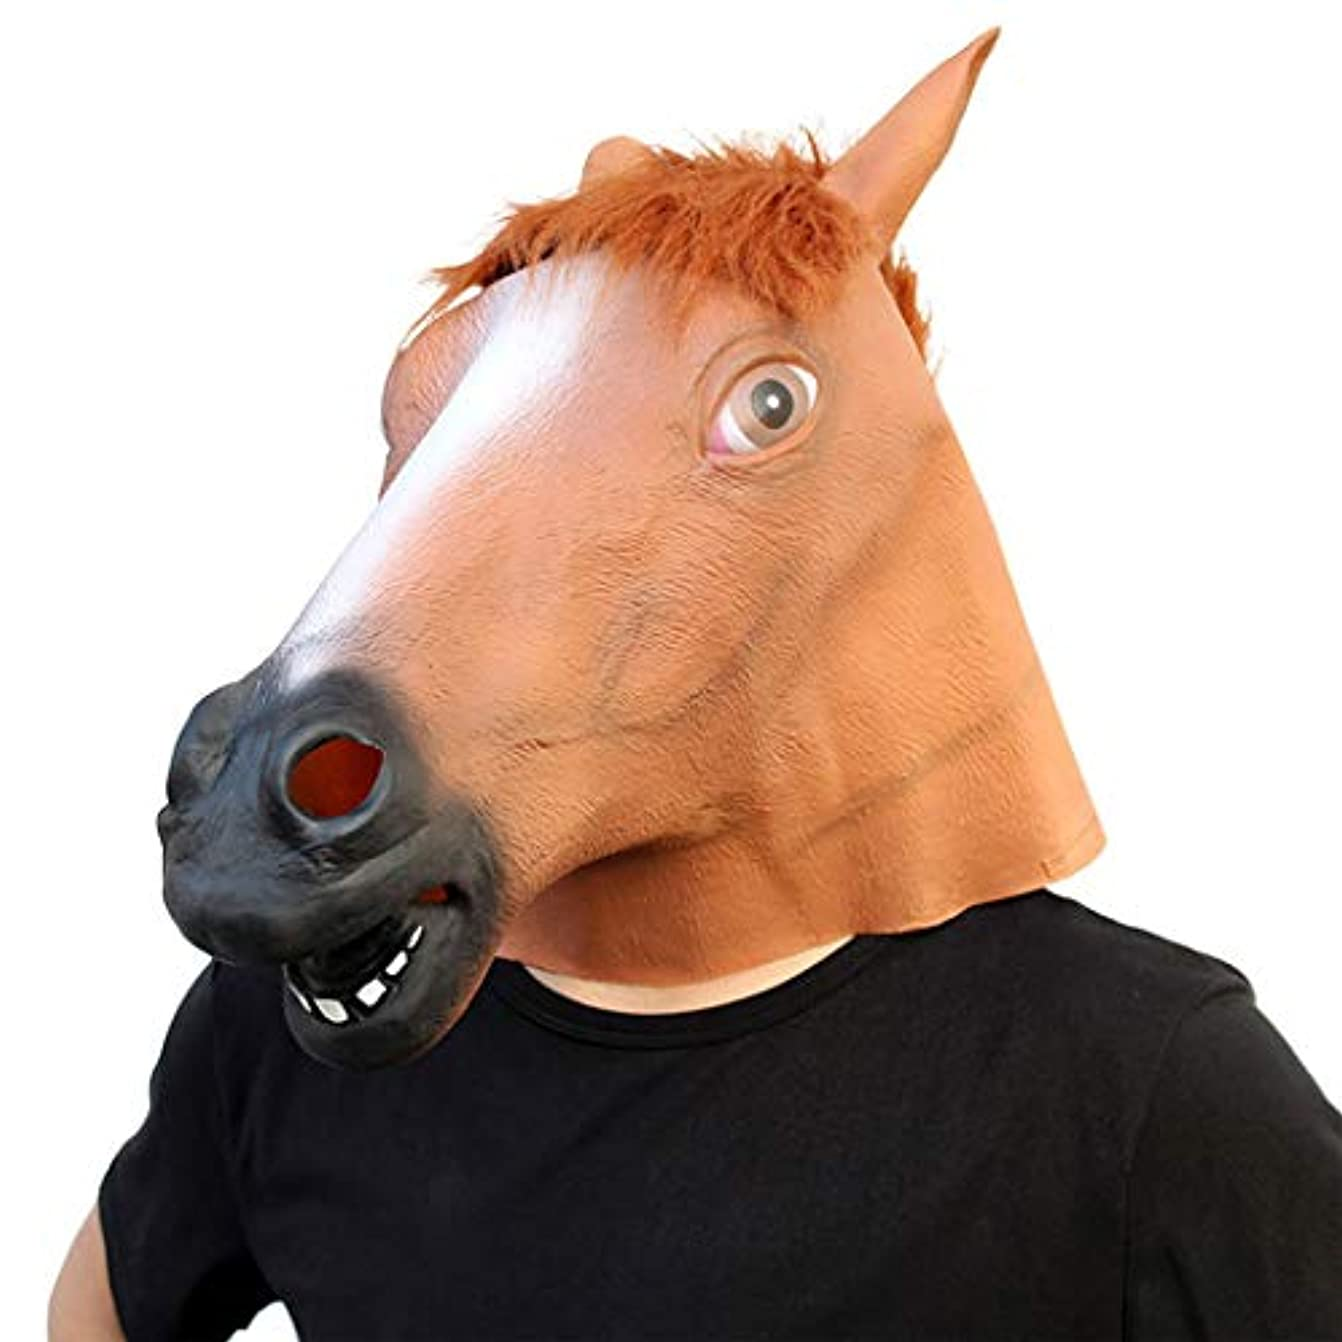 破壊的つば方言ハロウィーンのスタイリングの小道具ボールパーティーの馬の頭のマスクラテックスゲーム面白いパーティー用品